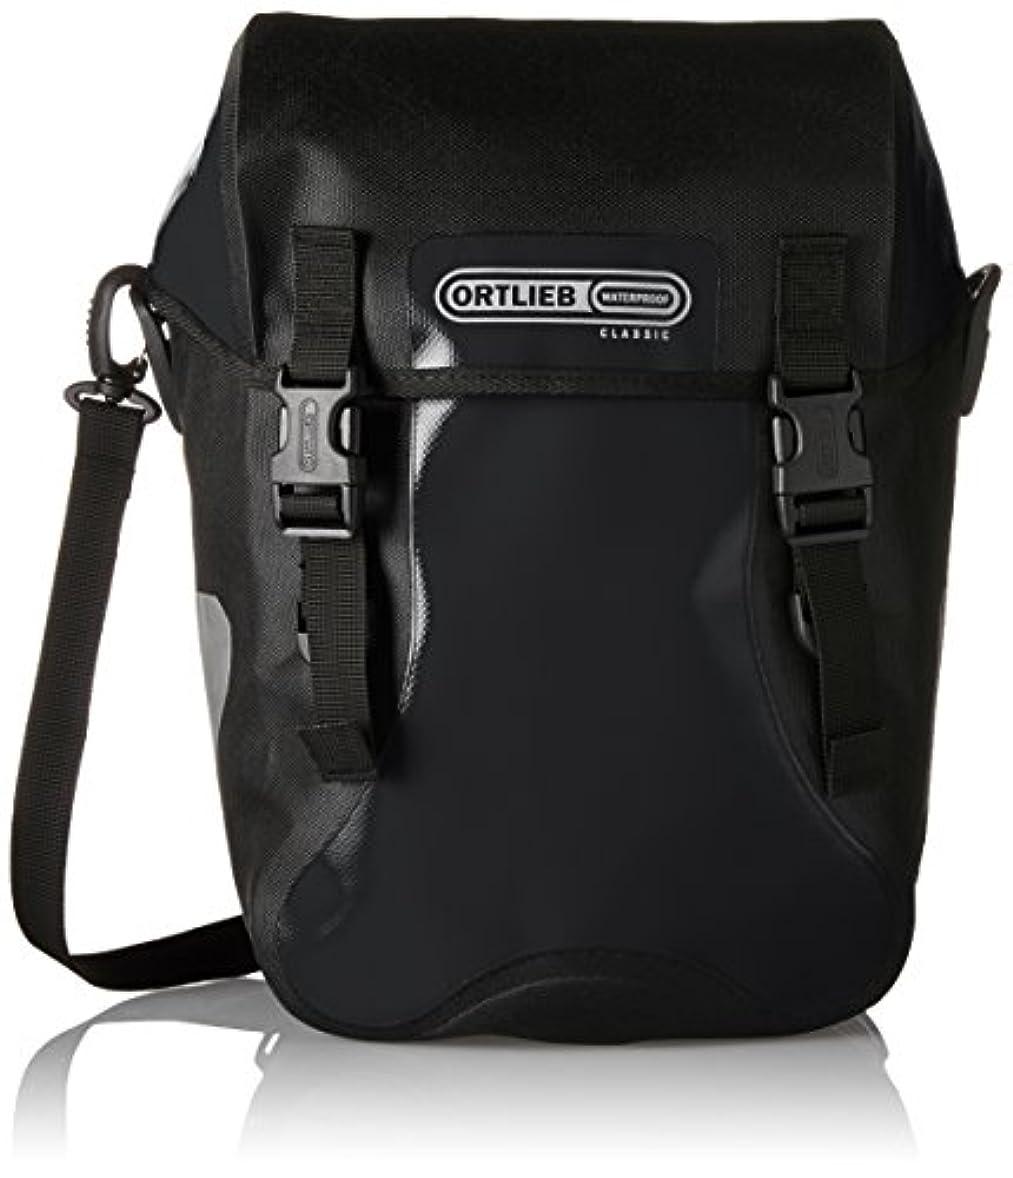 通知するしかし家庭ORTLIEB(オルトリーブ) スポーツパッカークラシック F4803 ブラック